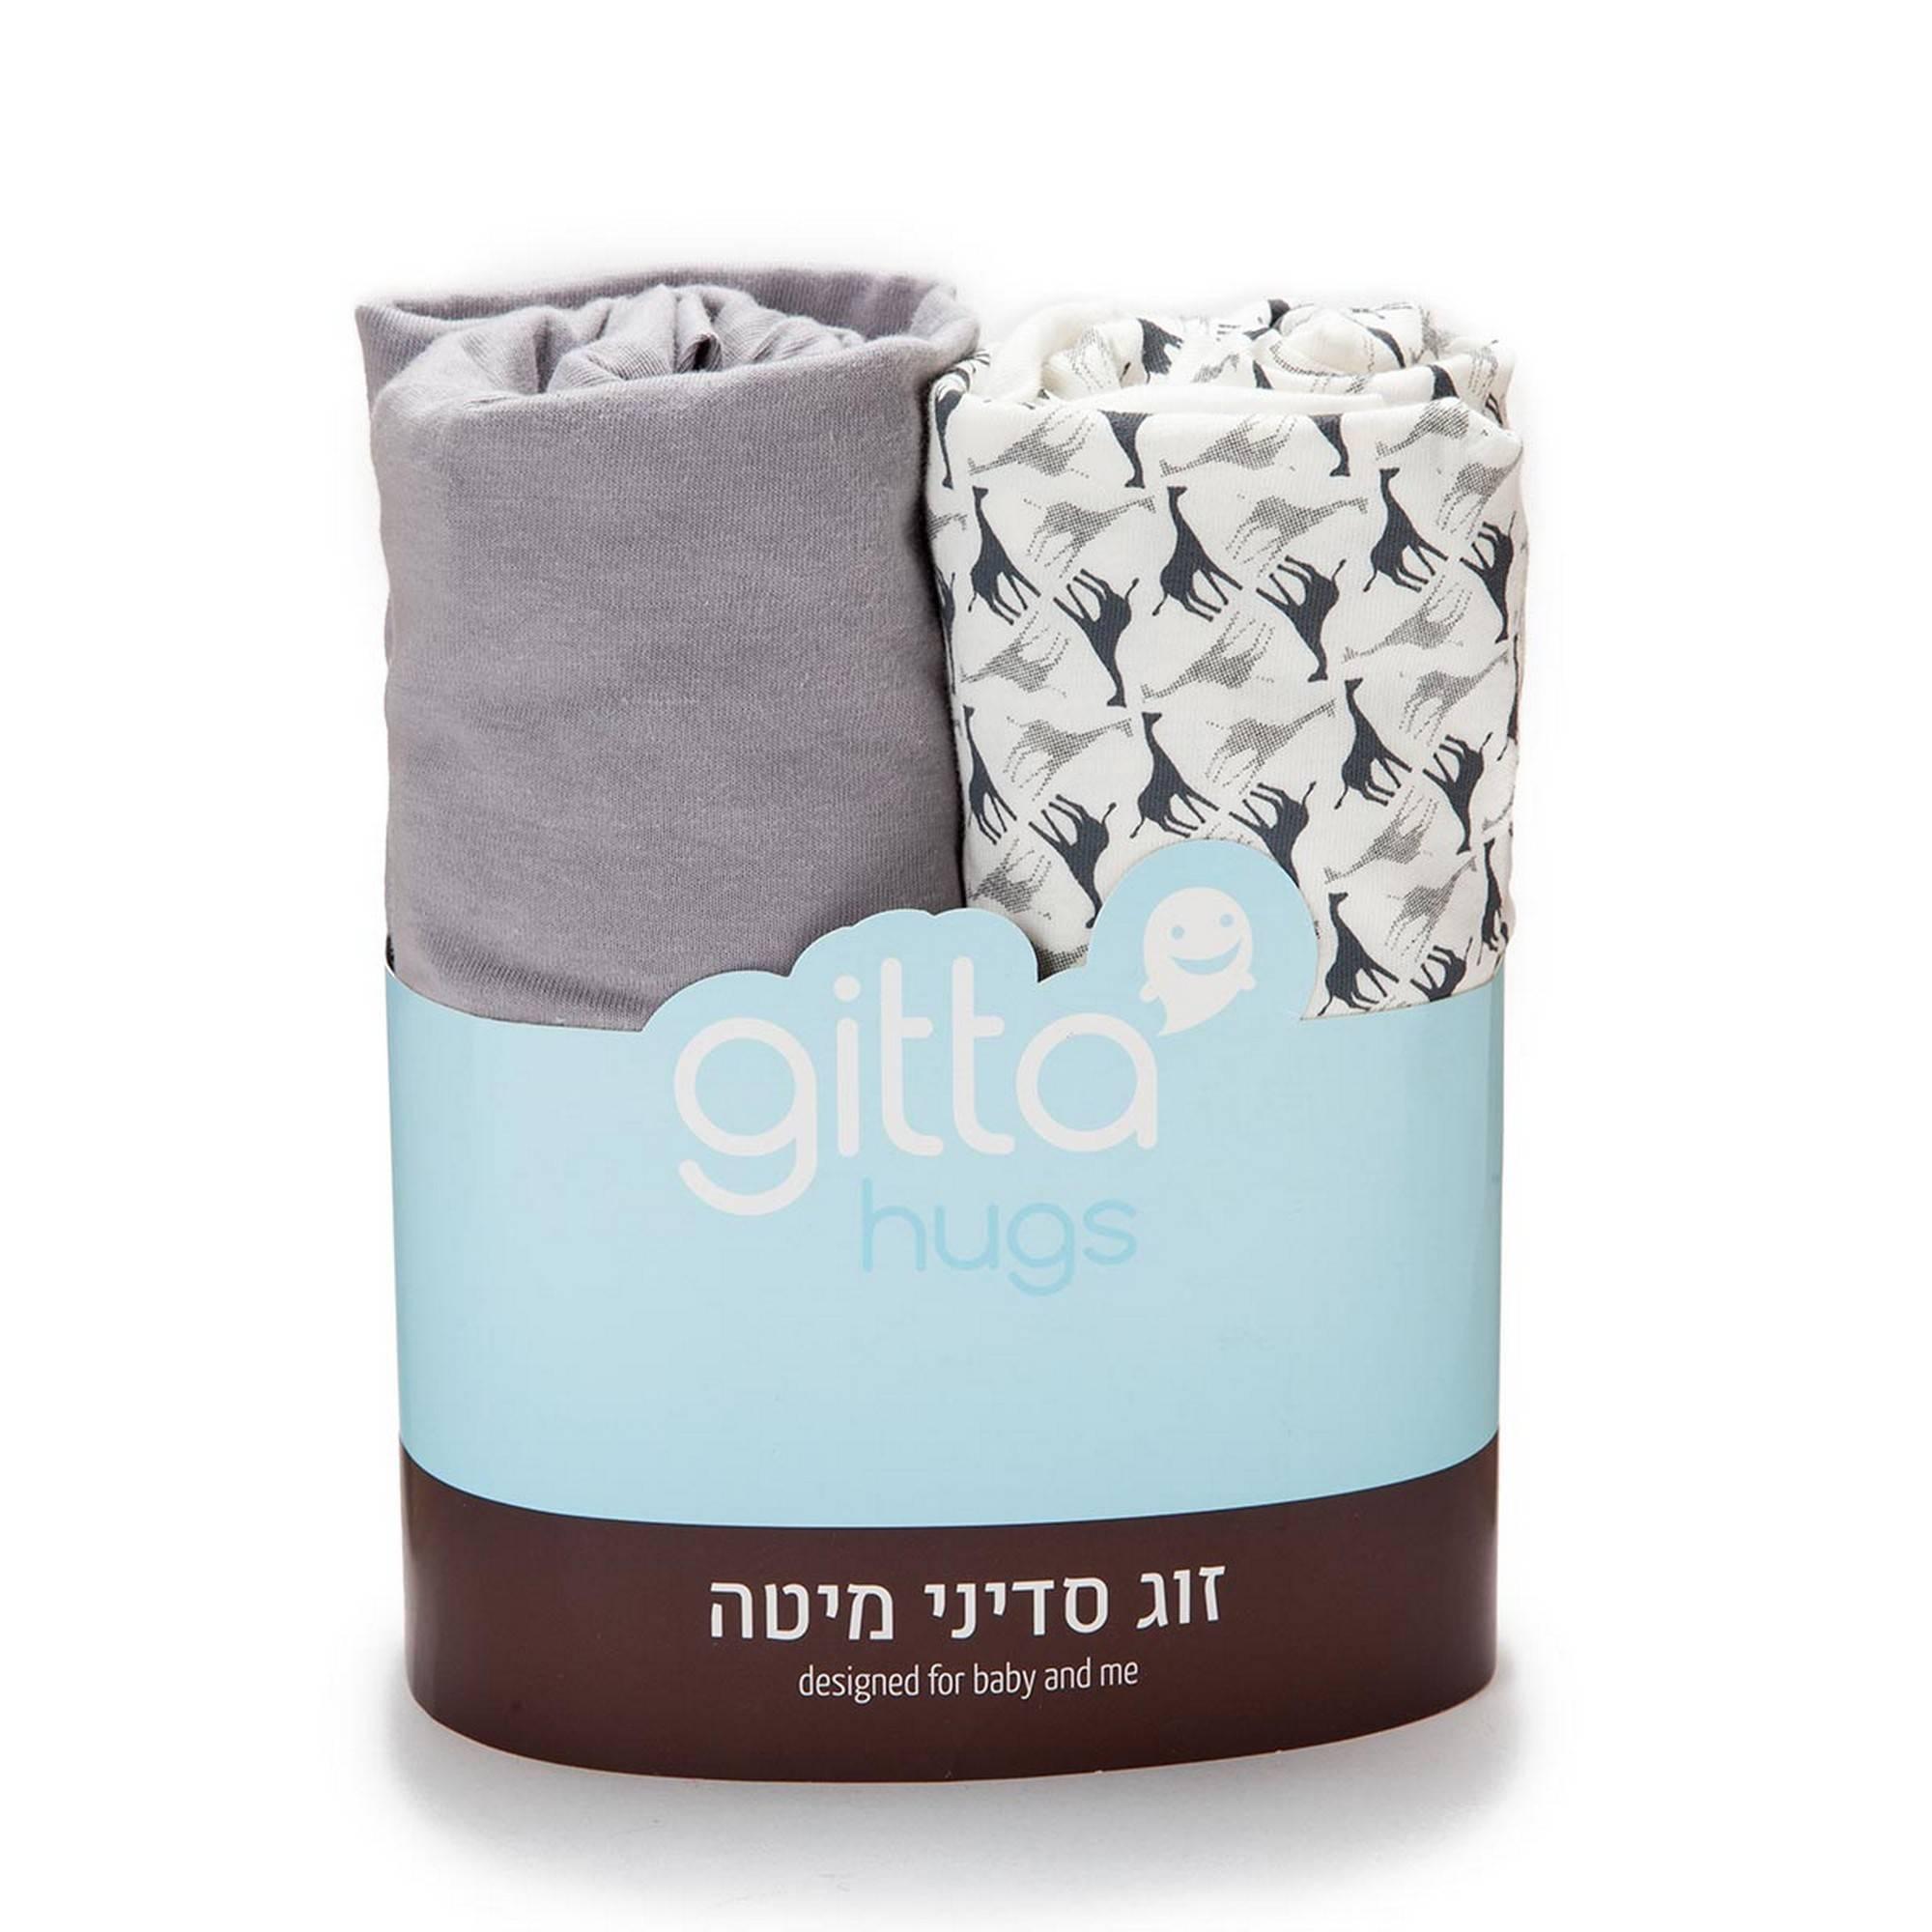 GITTA Cot Sheets - Grey Giraffe